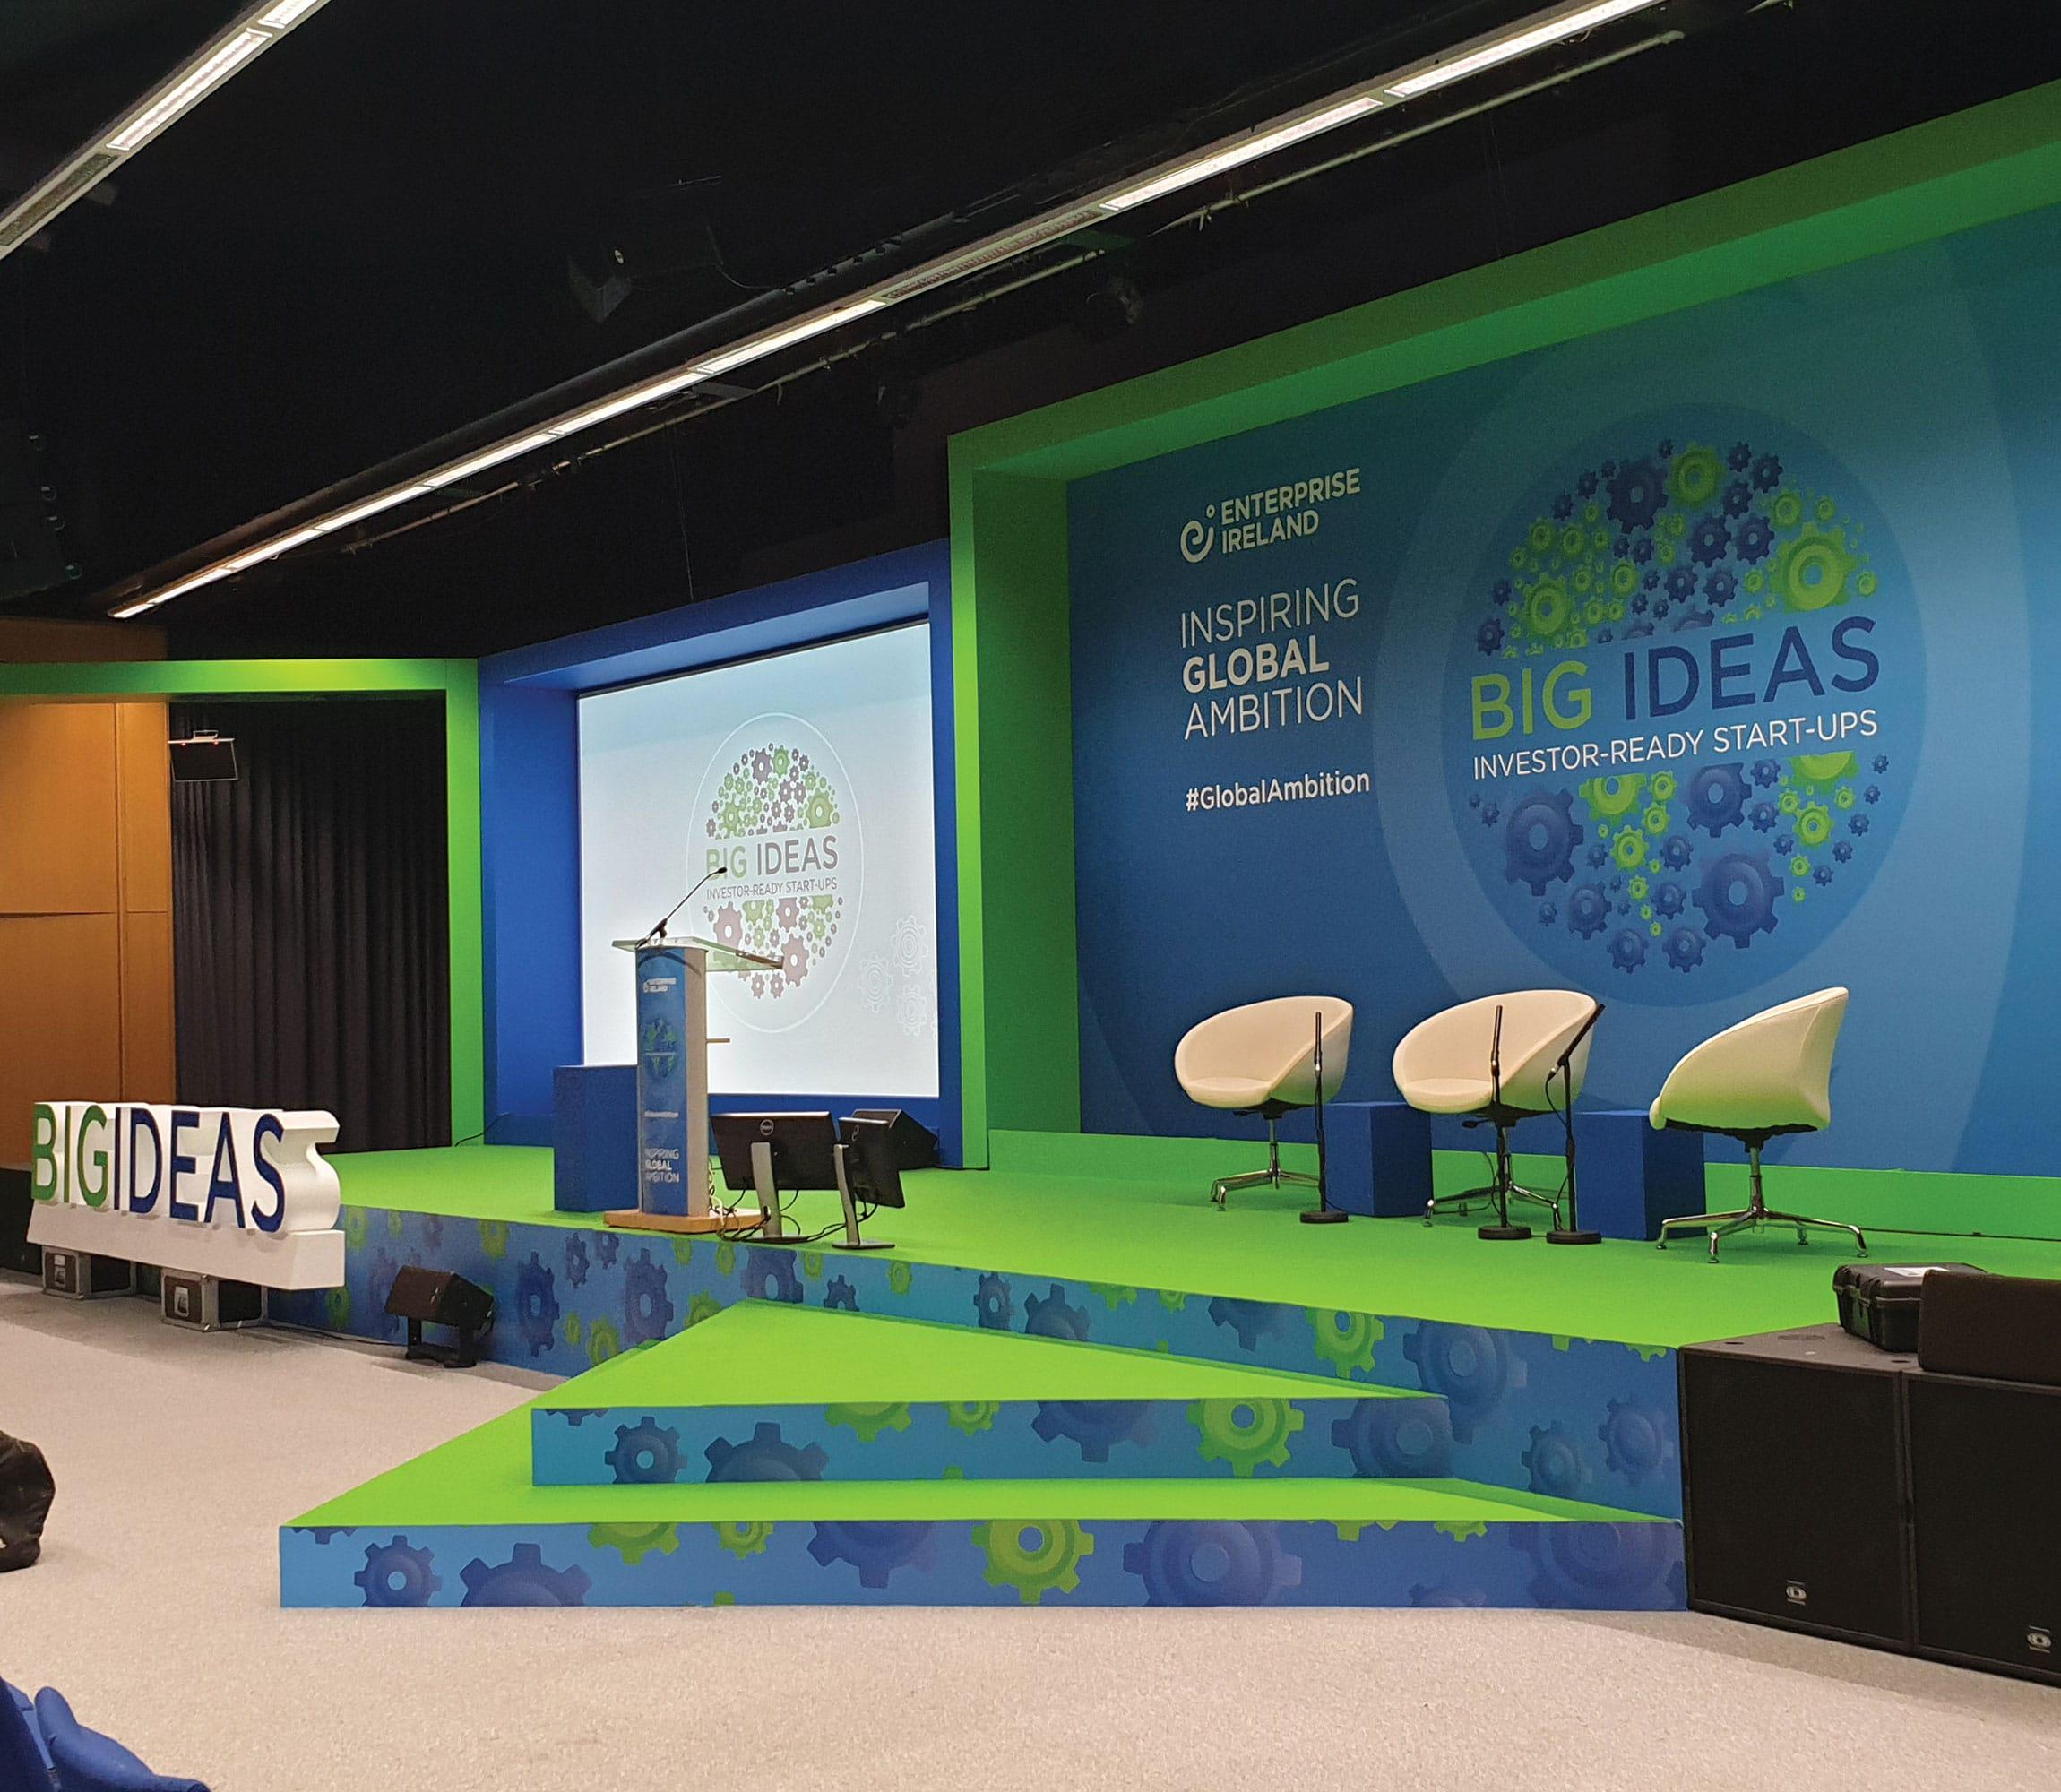 Big_Ideas_1-min.jpg